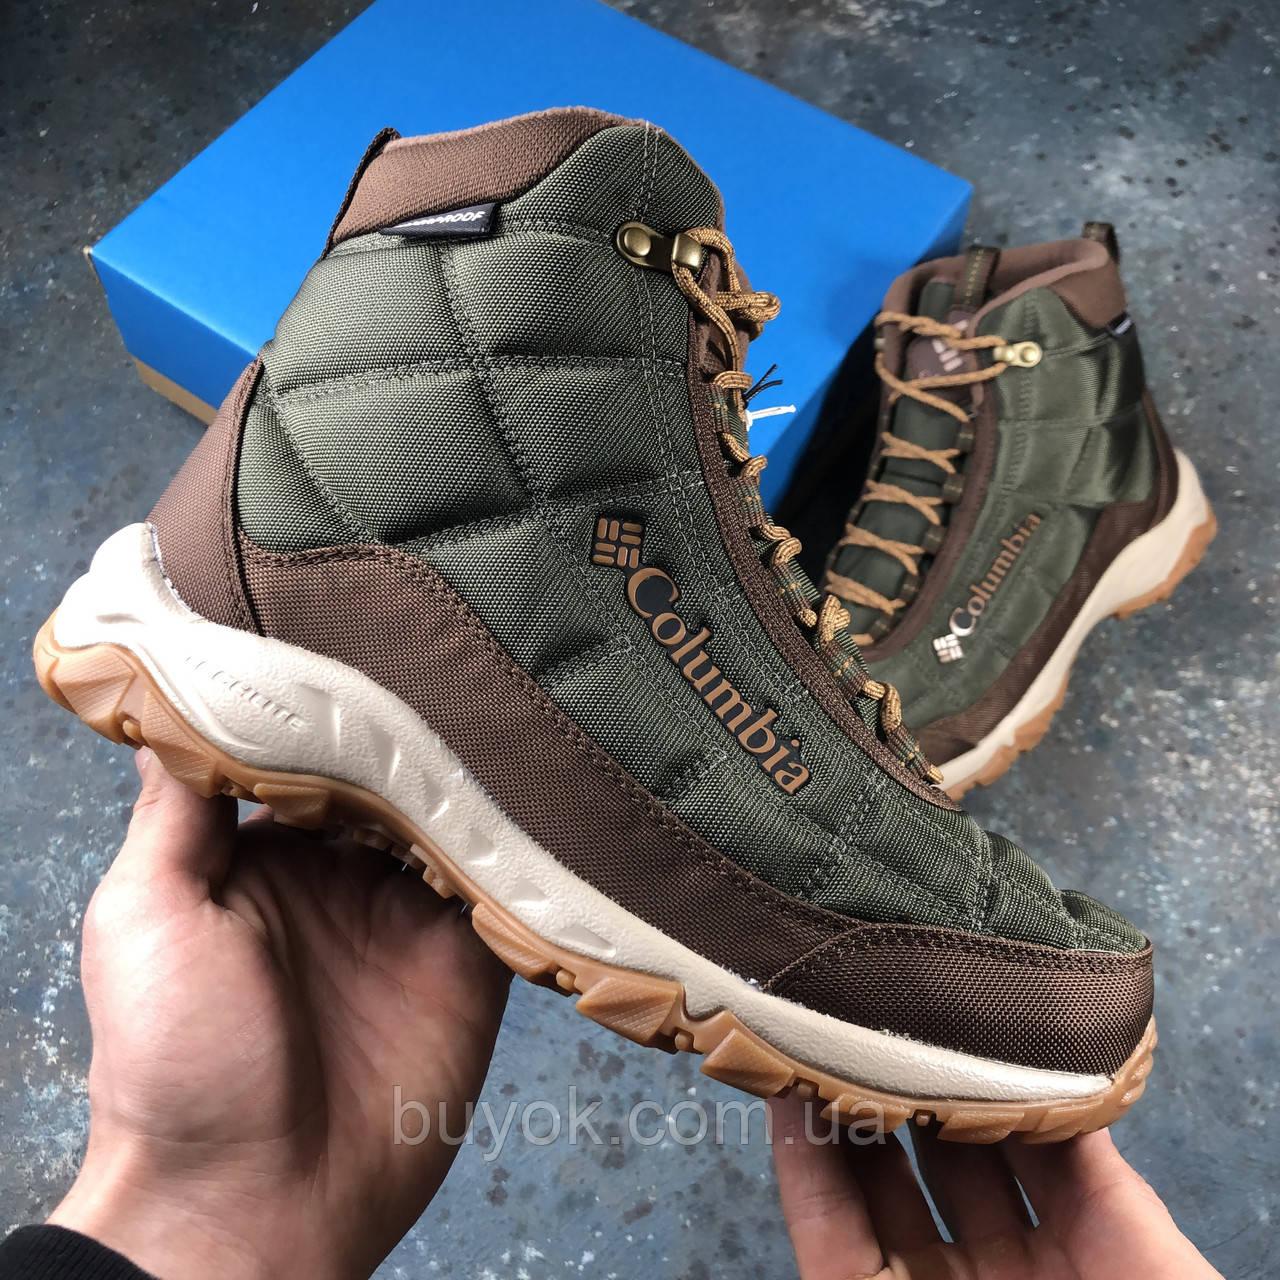 Оригинальные мужские ботинки Columbia Firecamp Boot Peatmoss Elk 2019 BM1766-213